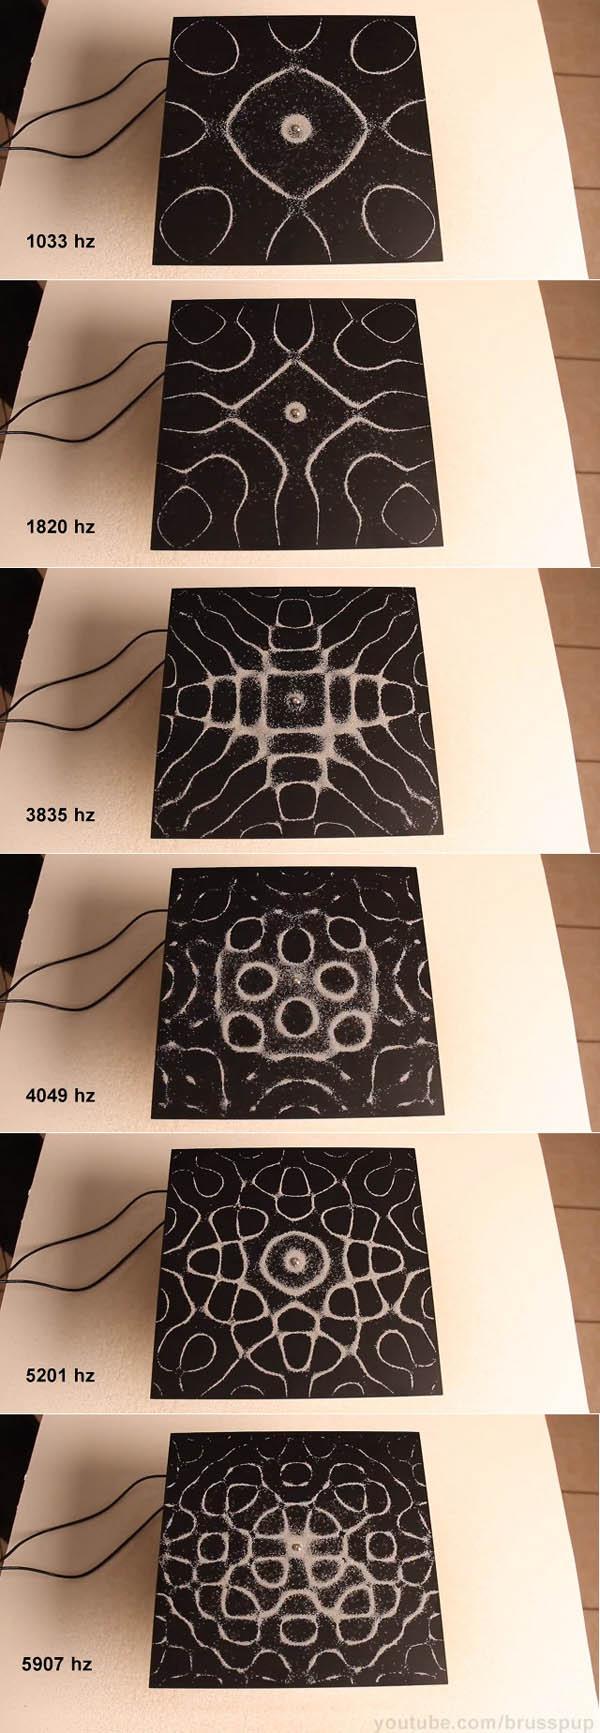 patrones de frecuencias